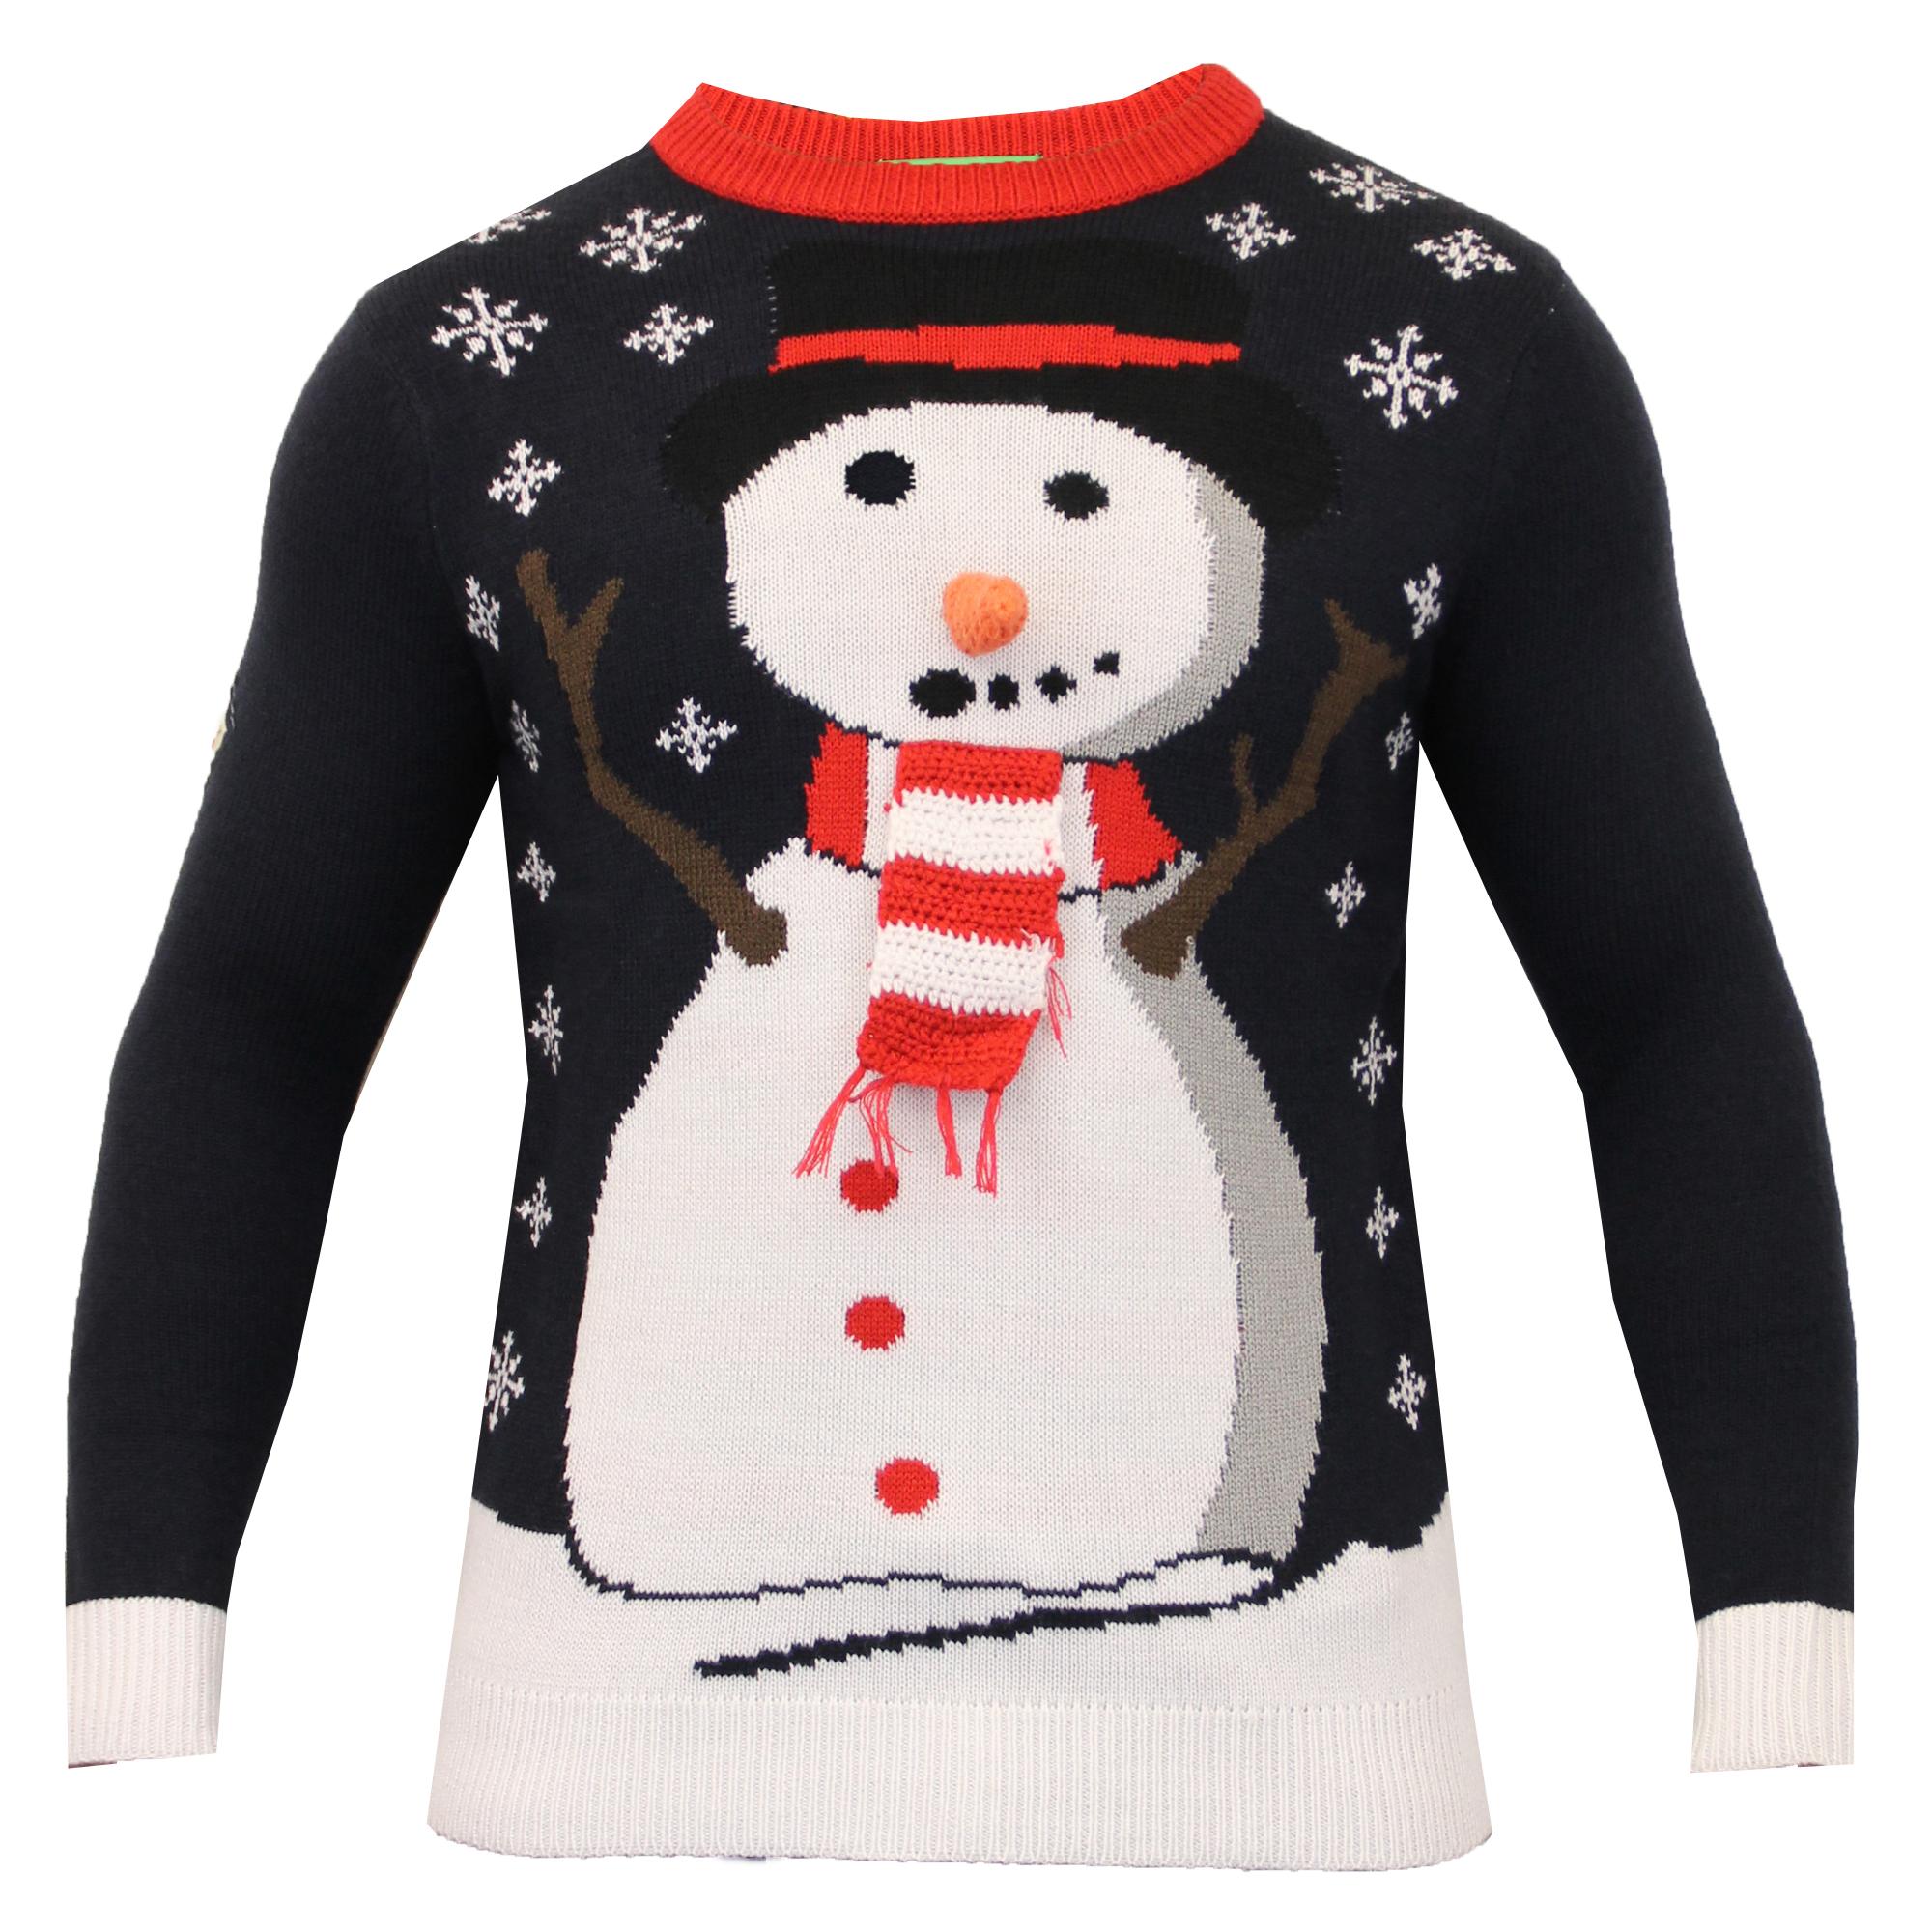 Christmas Jumper Knitting Patterns For Men : Mens Christmas Jumper Threadbare Xmas Knitted Snowman Santa Novelty Sweater N...